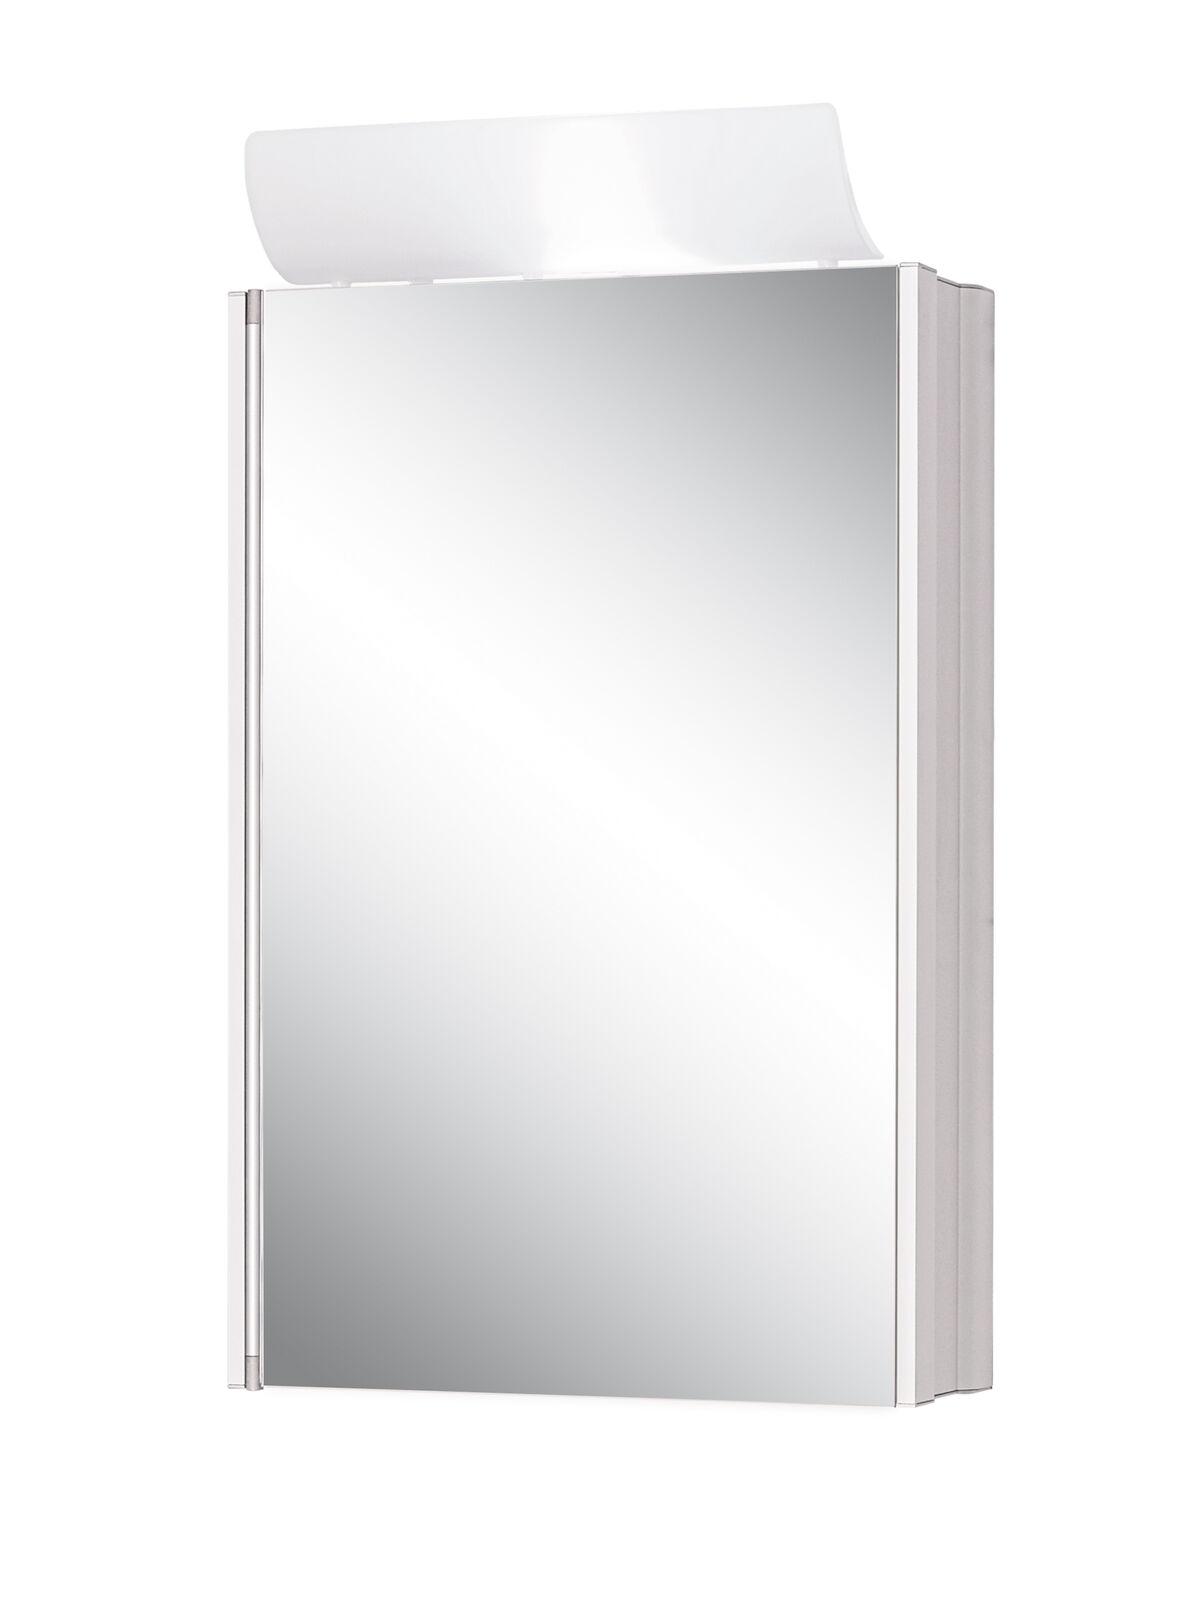 Jokey Spiegelschrank Singlealu Aluminiumspiegelschrank mit Beleuchtung Alibert